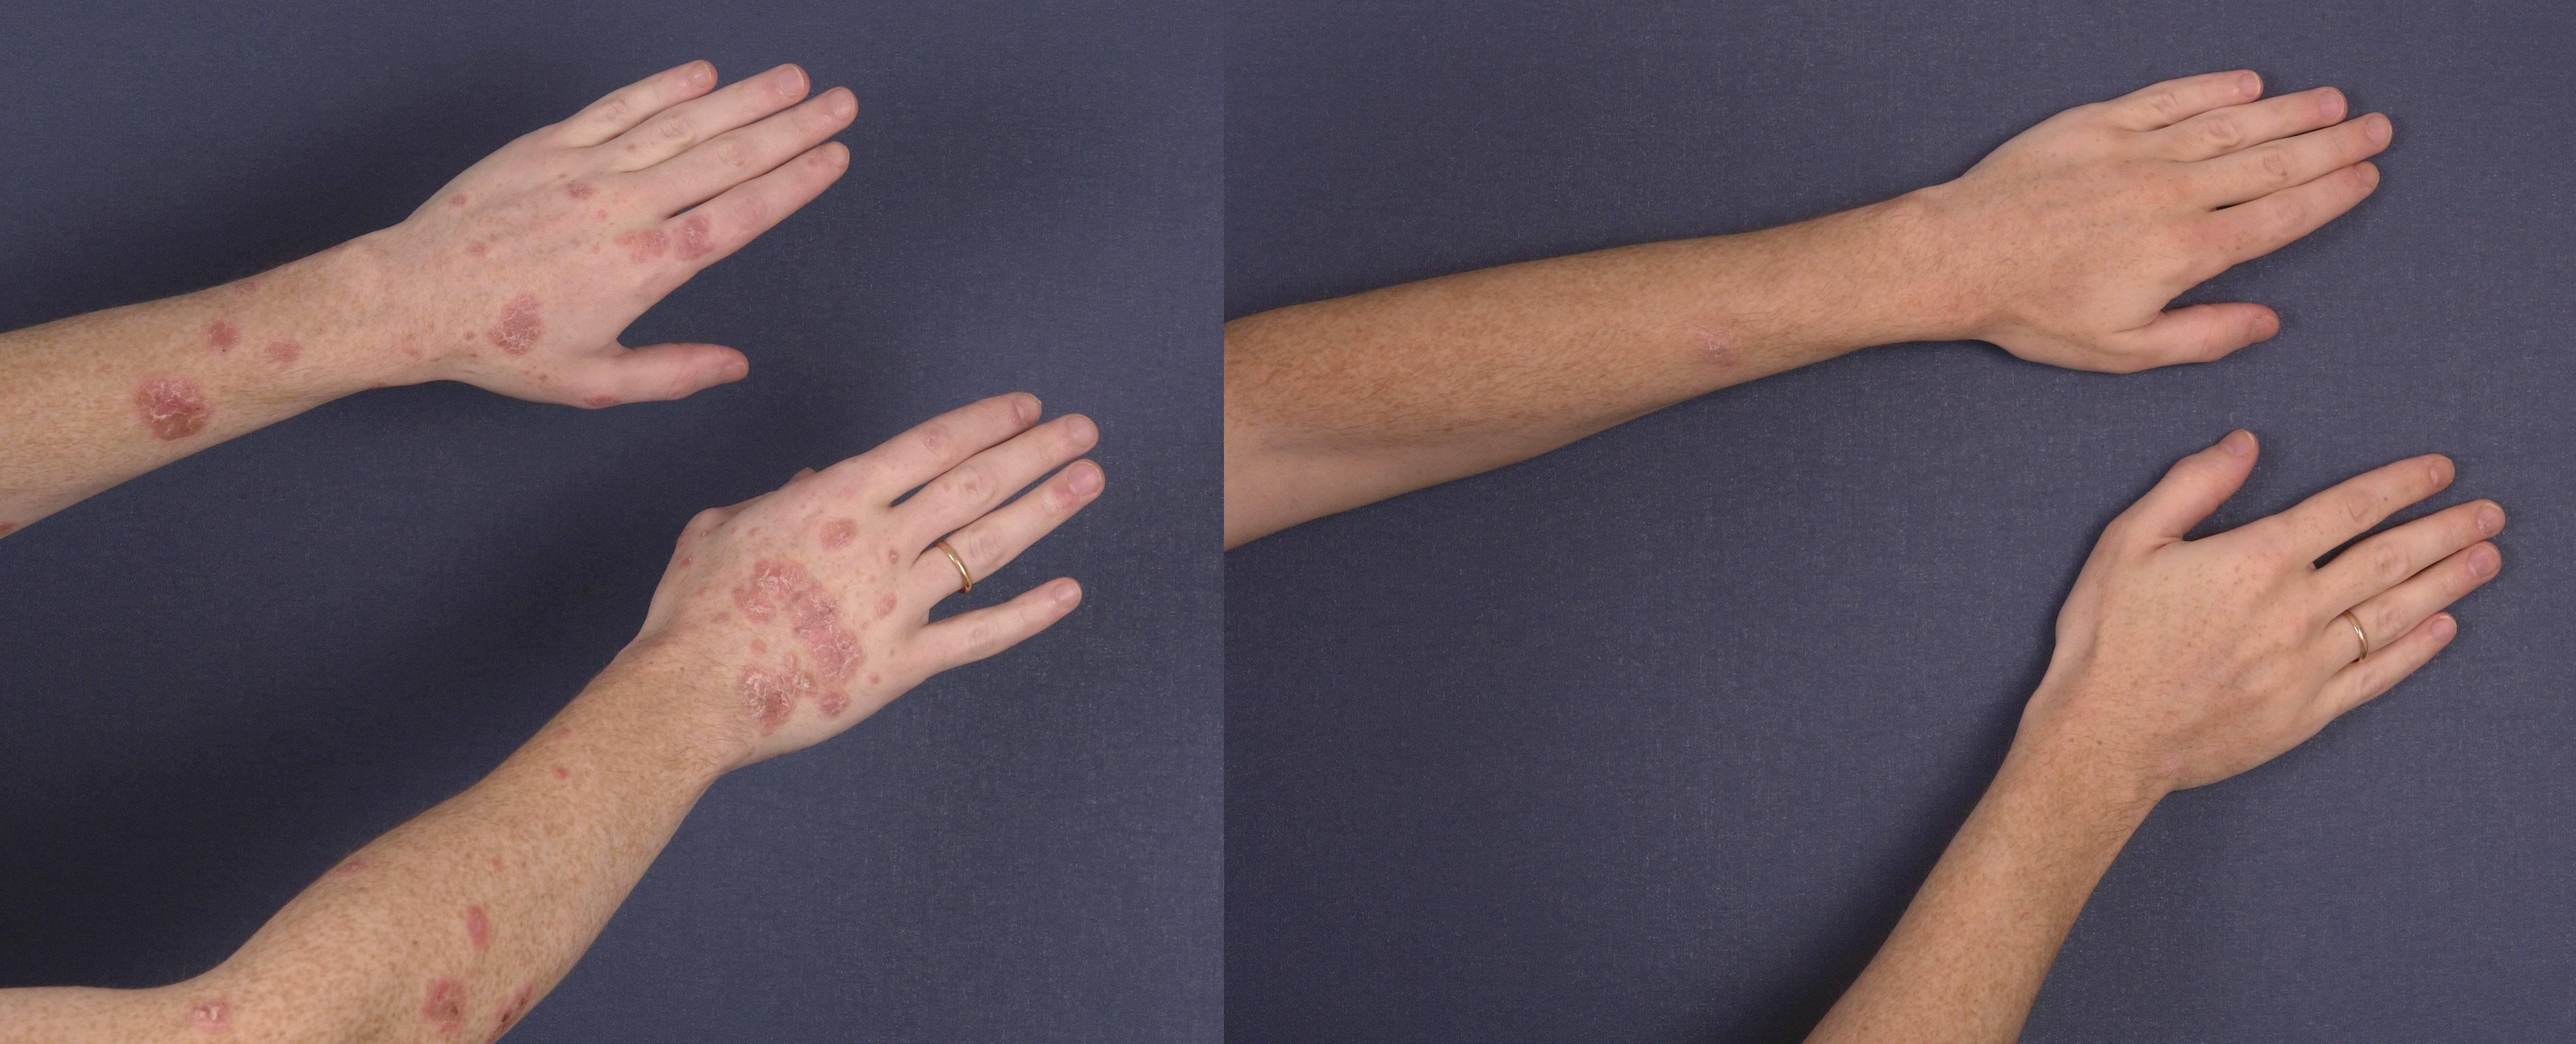 Псориаз на руках: типы, причины и способы лечения